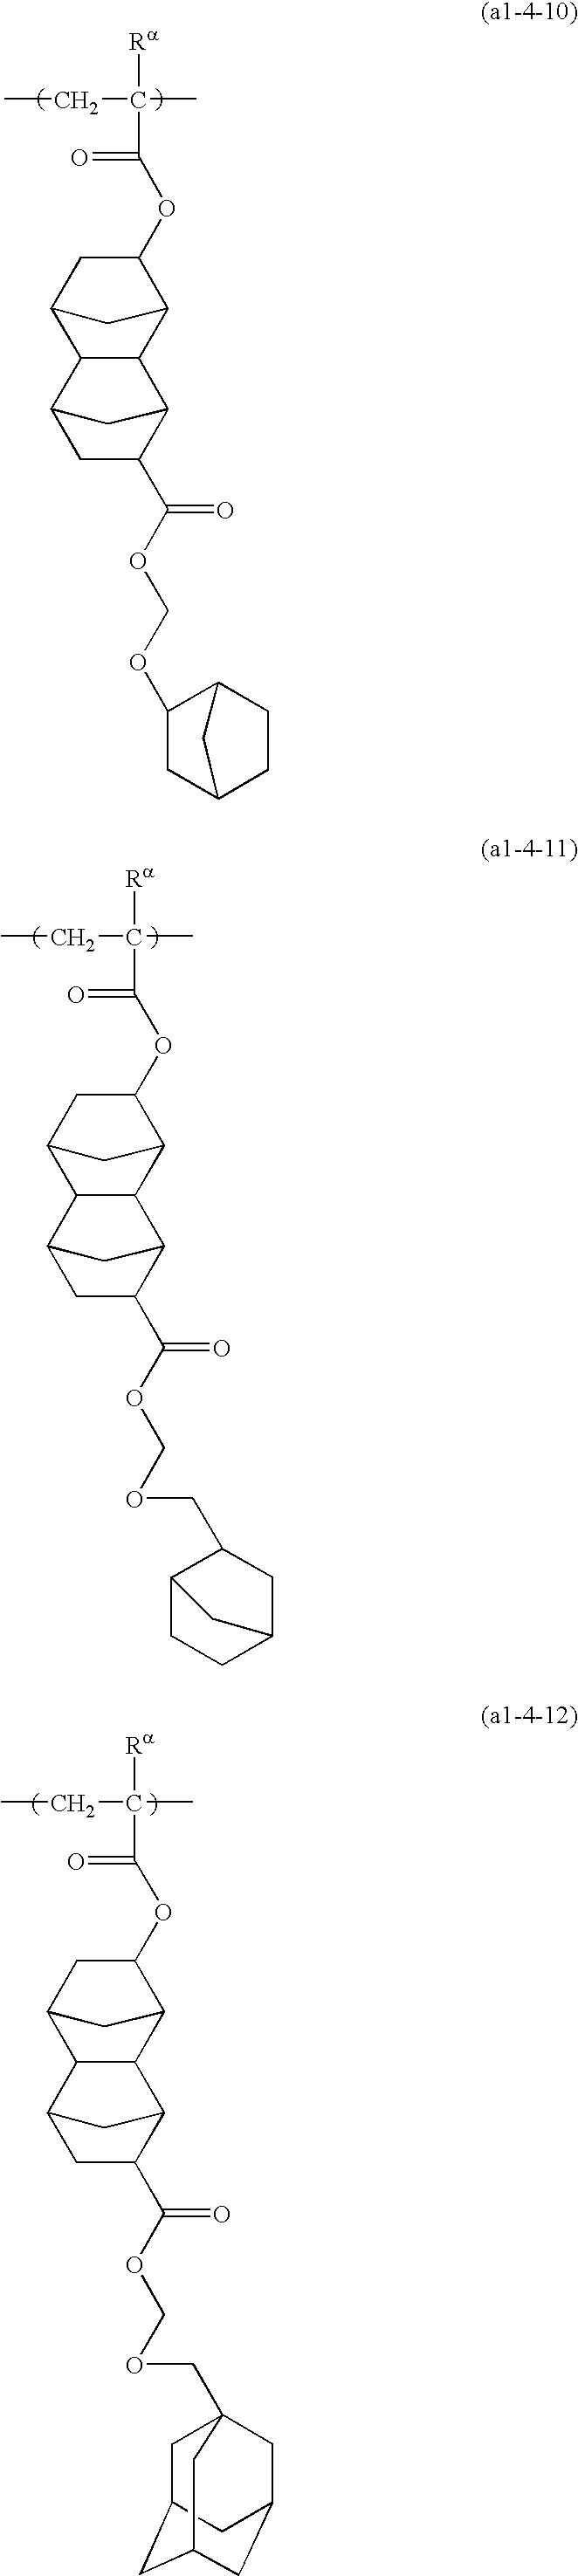 Figure US20100136480A1-20100603-C00046